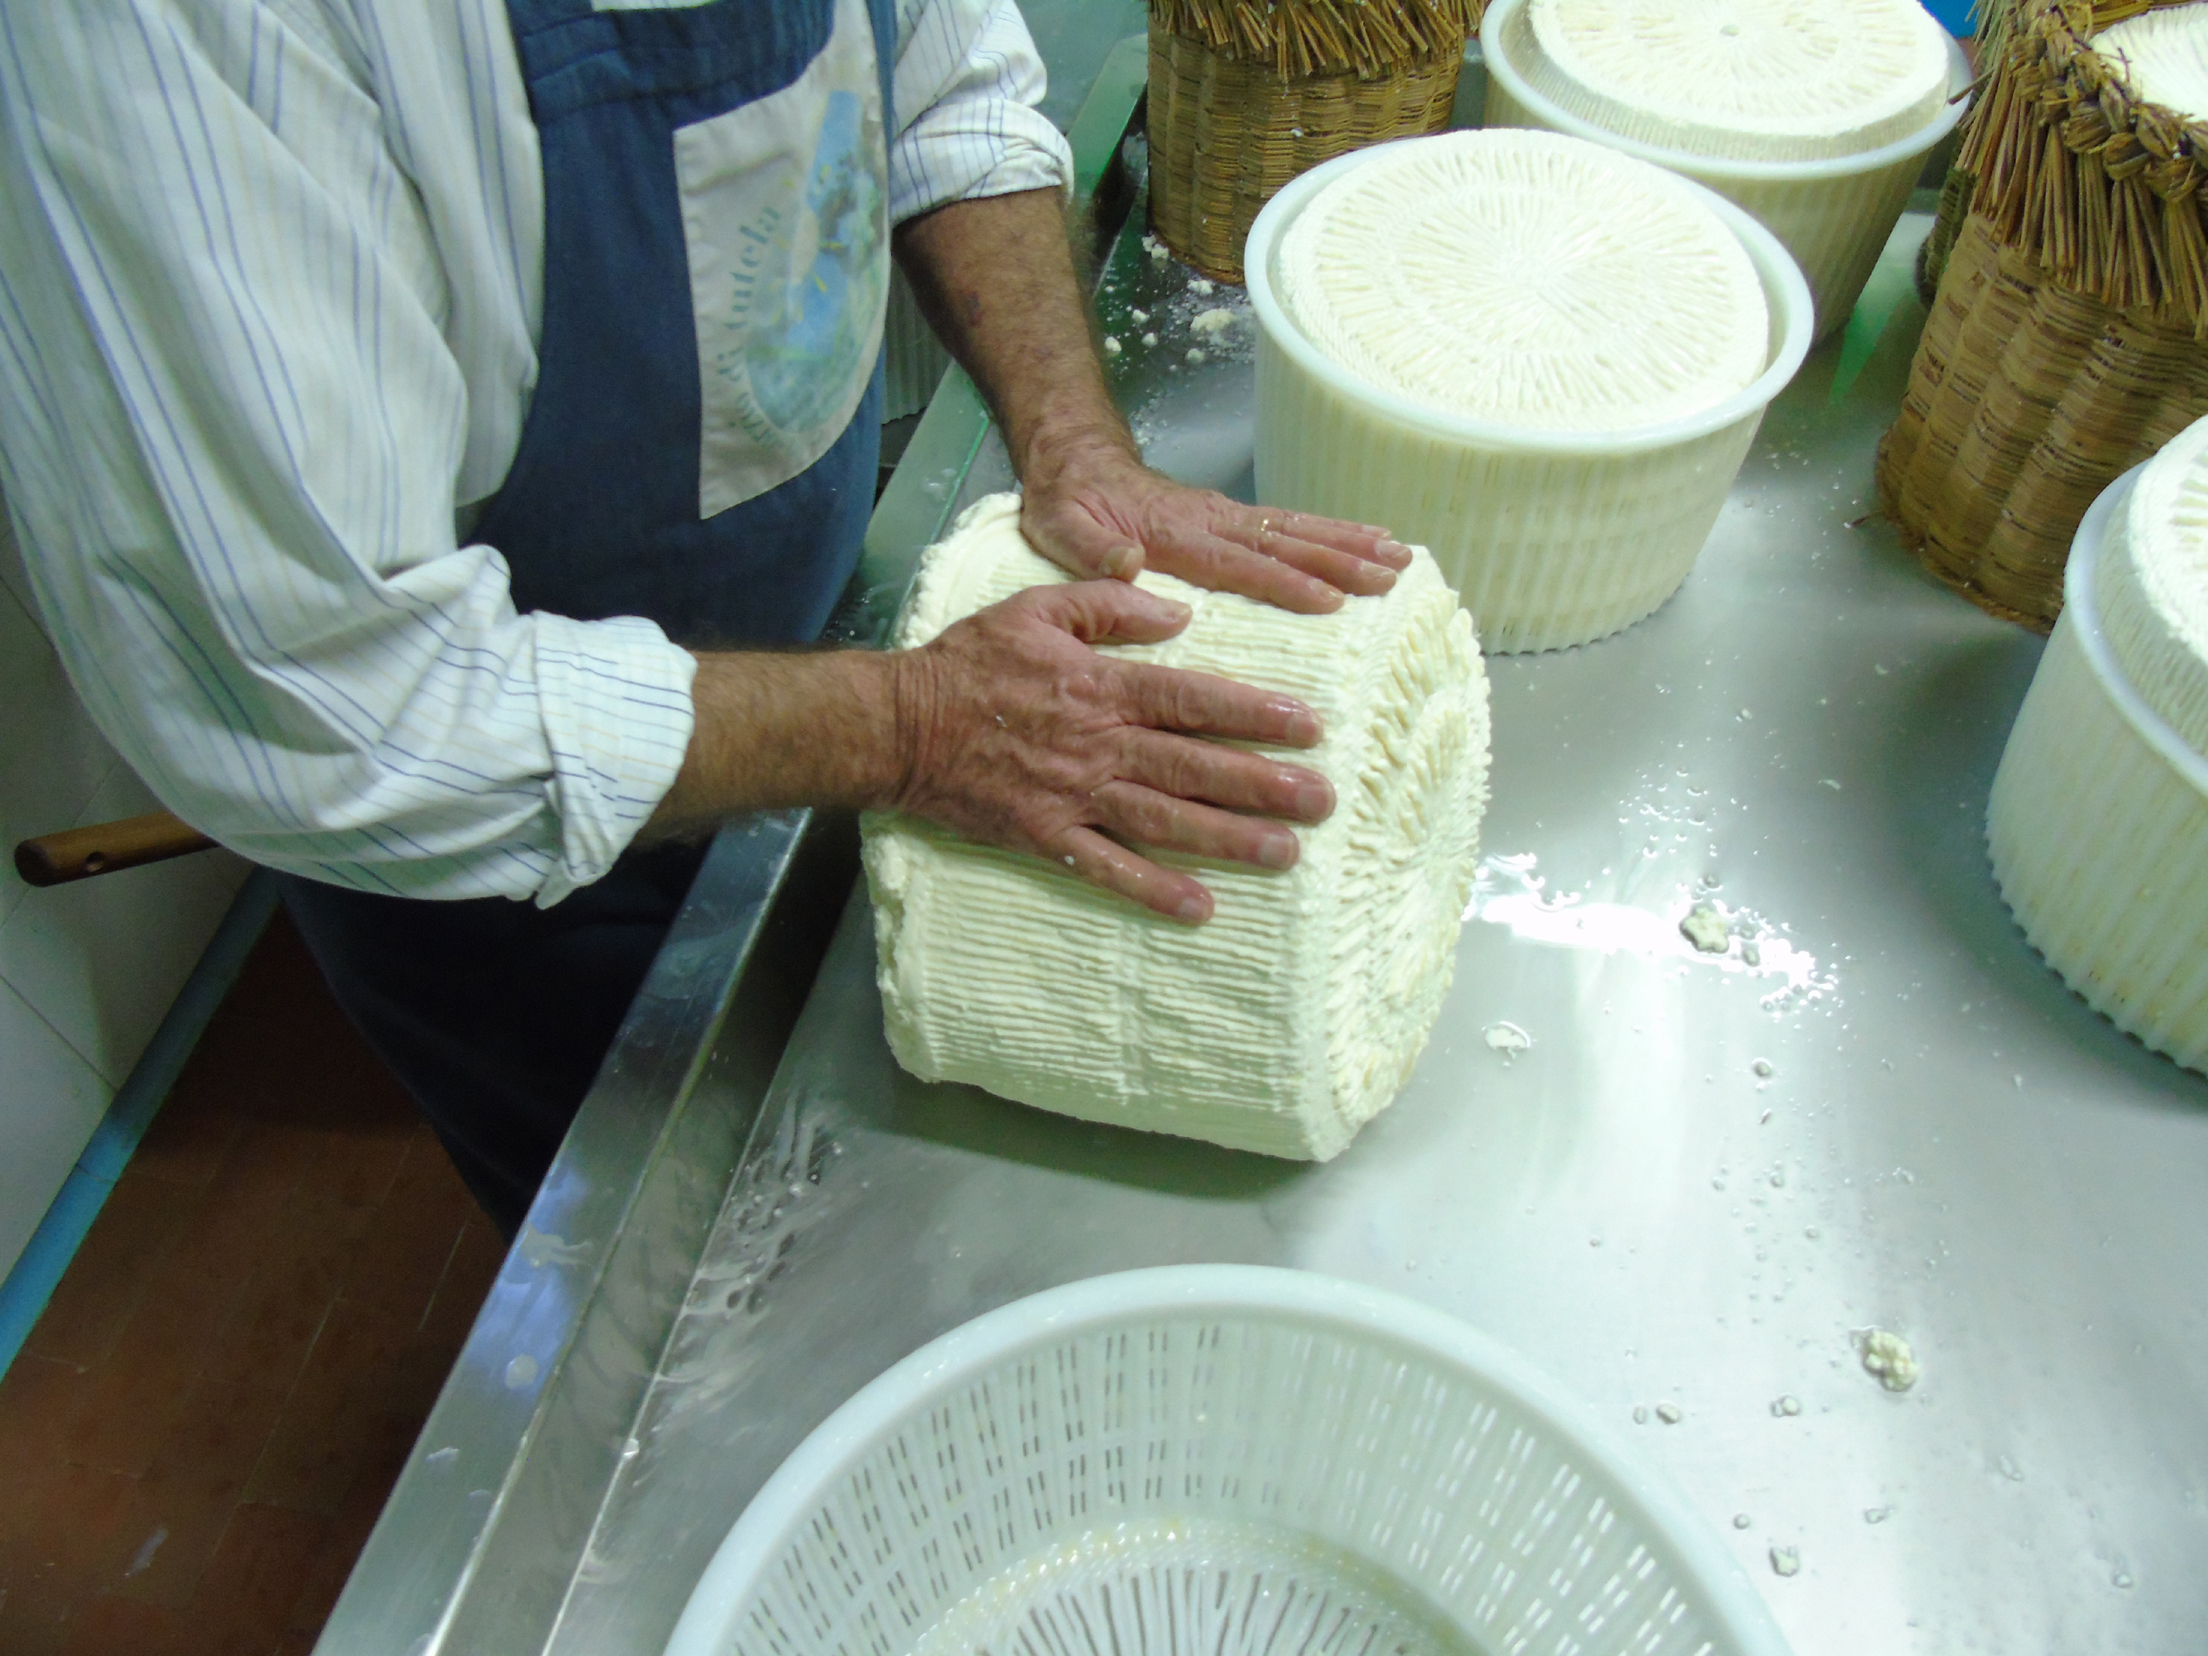 Il compattamento di una forma di Pecorino Siciliano prodotto presso il Caseificio Cangemi di Partanna (TP)